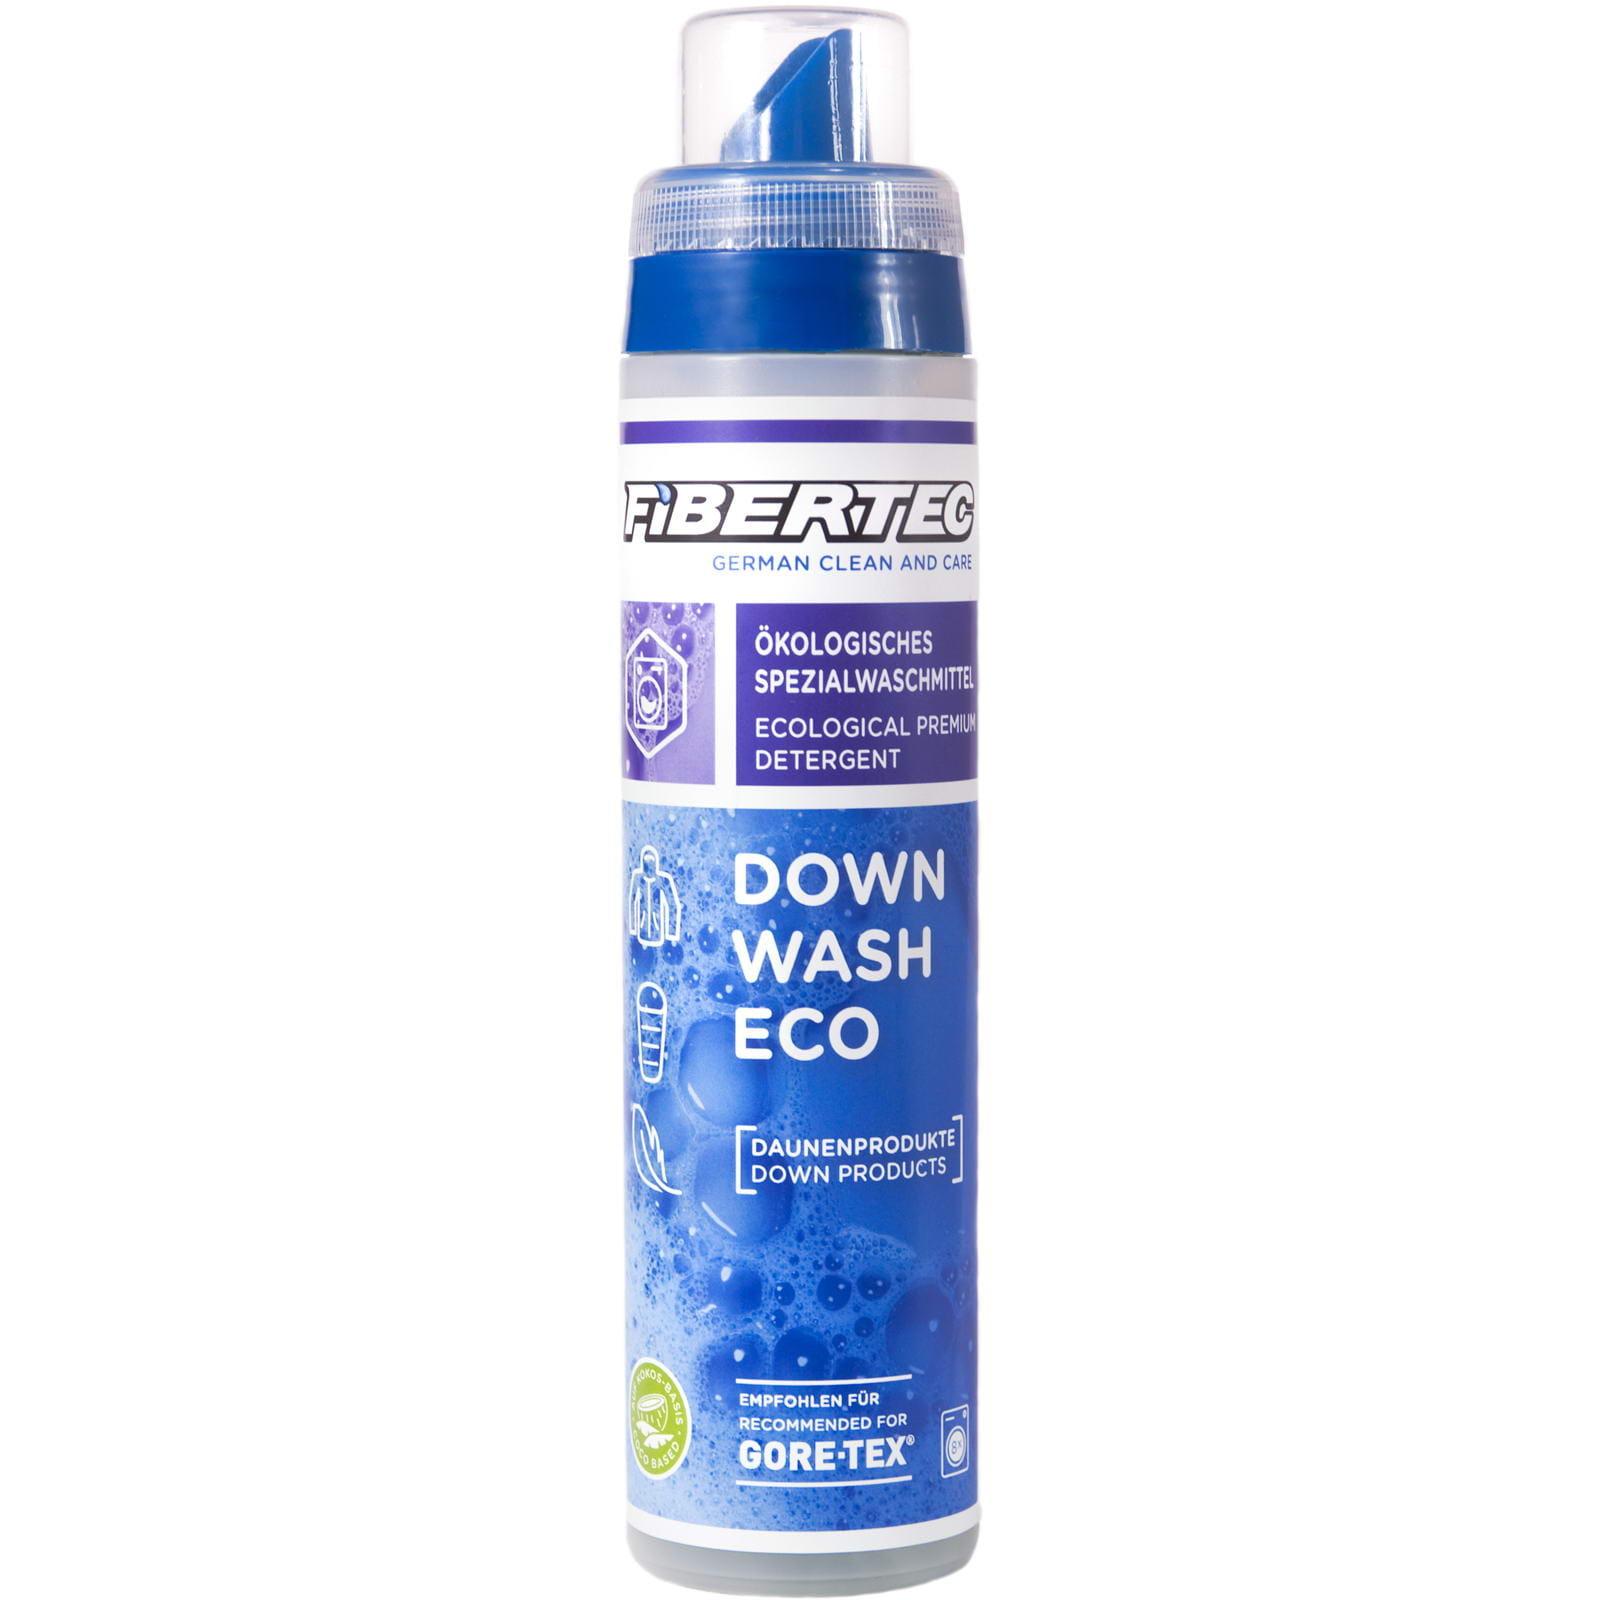 FIBERTEC Down Wash Eco 250 ml - Spezialwaschmittel Daunen - Bild 1